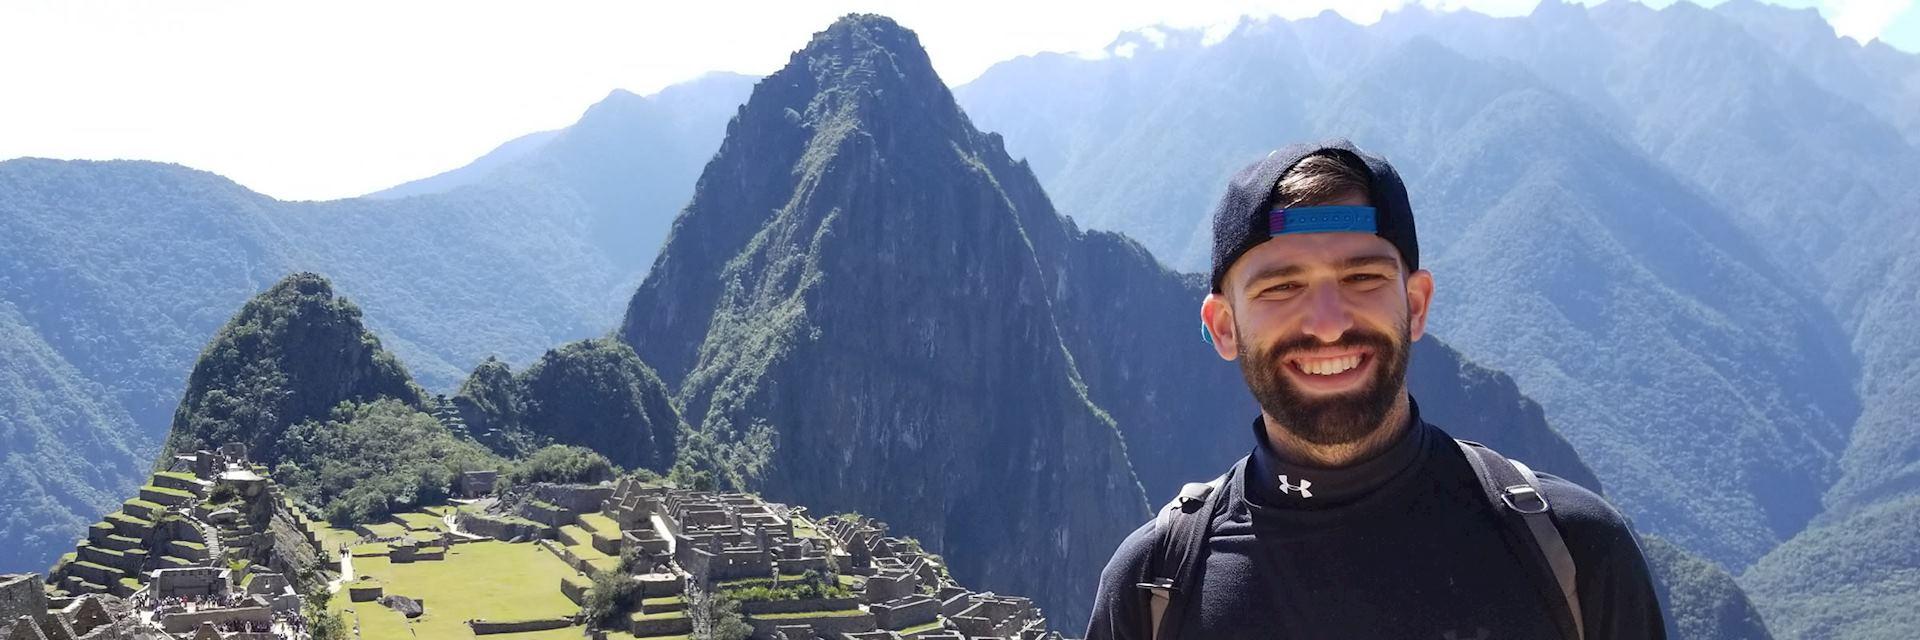 Josh at Machu Picchu, Peru